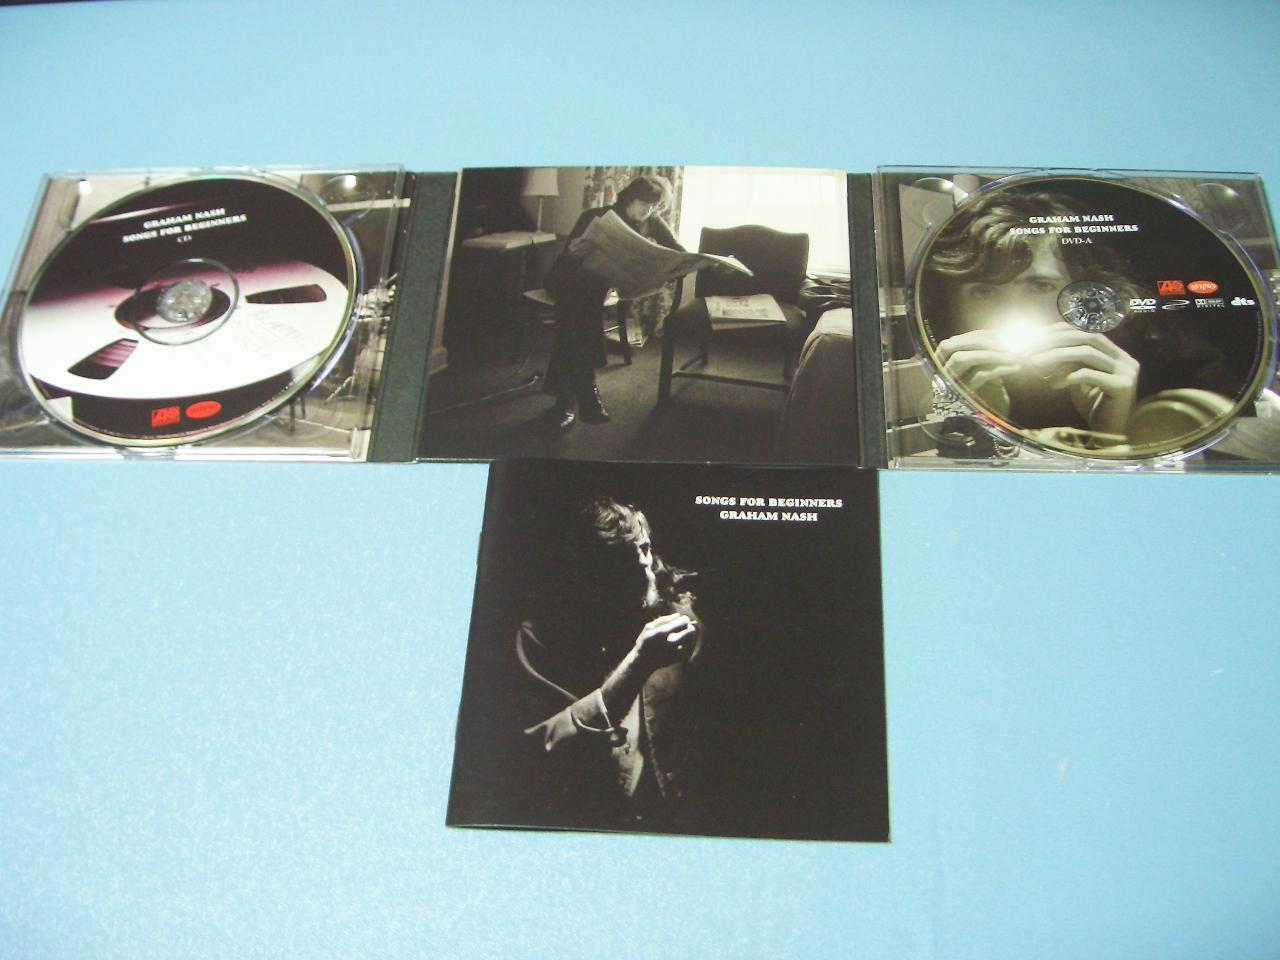 Graham Nash / Songs for Biginners(DVD-AUDIO)_c0062649_2332873.jpg